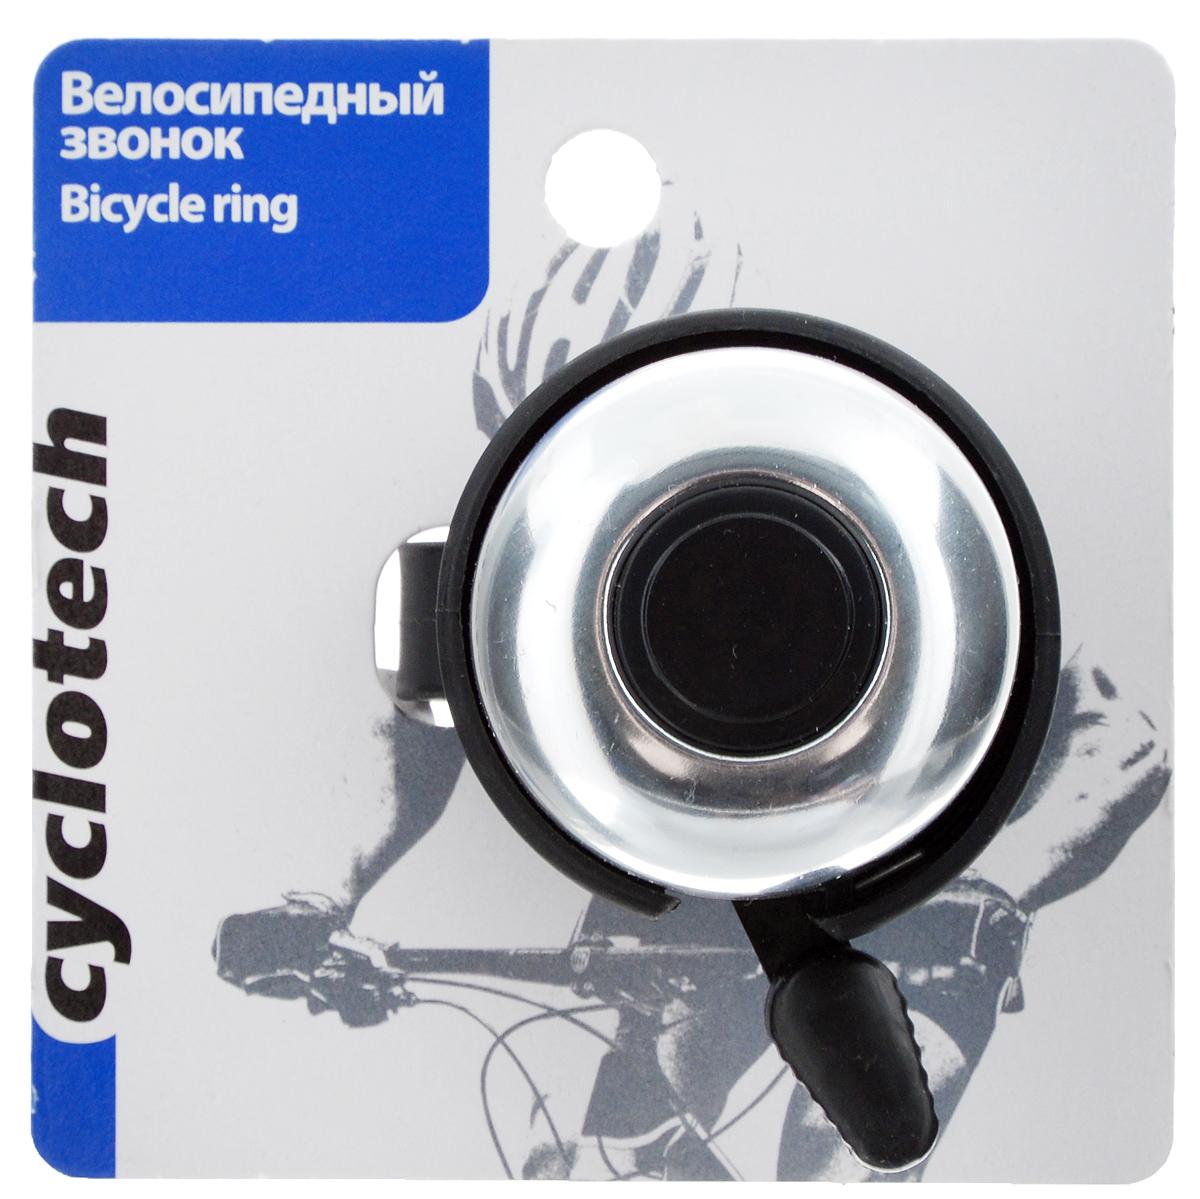 Звонок велосипедный Cyclotech, цвет: стальной, черныйZ90 blackЗвонок Cyclotech крепится на руле велосипеда и позволяет привлечь внимание в опасных ситуациях. Он выполнен из высокопрочных материалов и долговечен в использовании. Основным его назначением является предотвращения столкновения, как на дорогах общего пользования, так и на тротуарах.Диаметр звонка: 5,5 см.